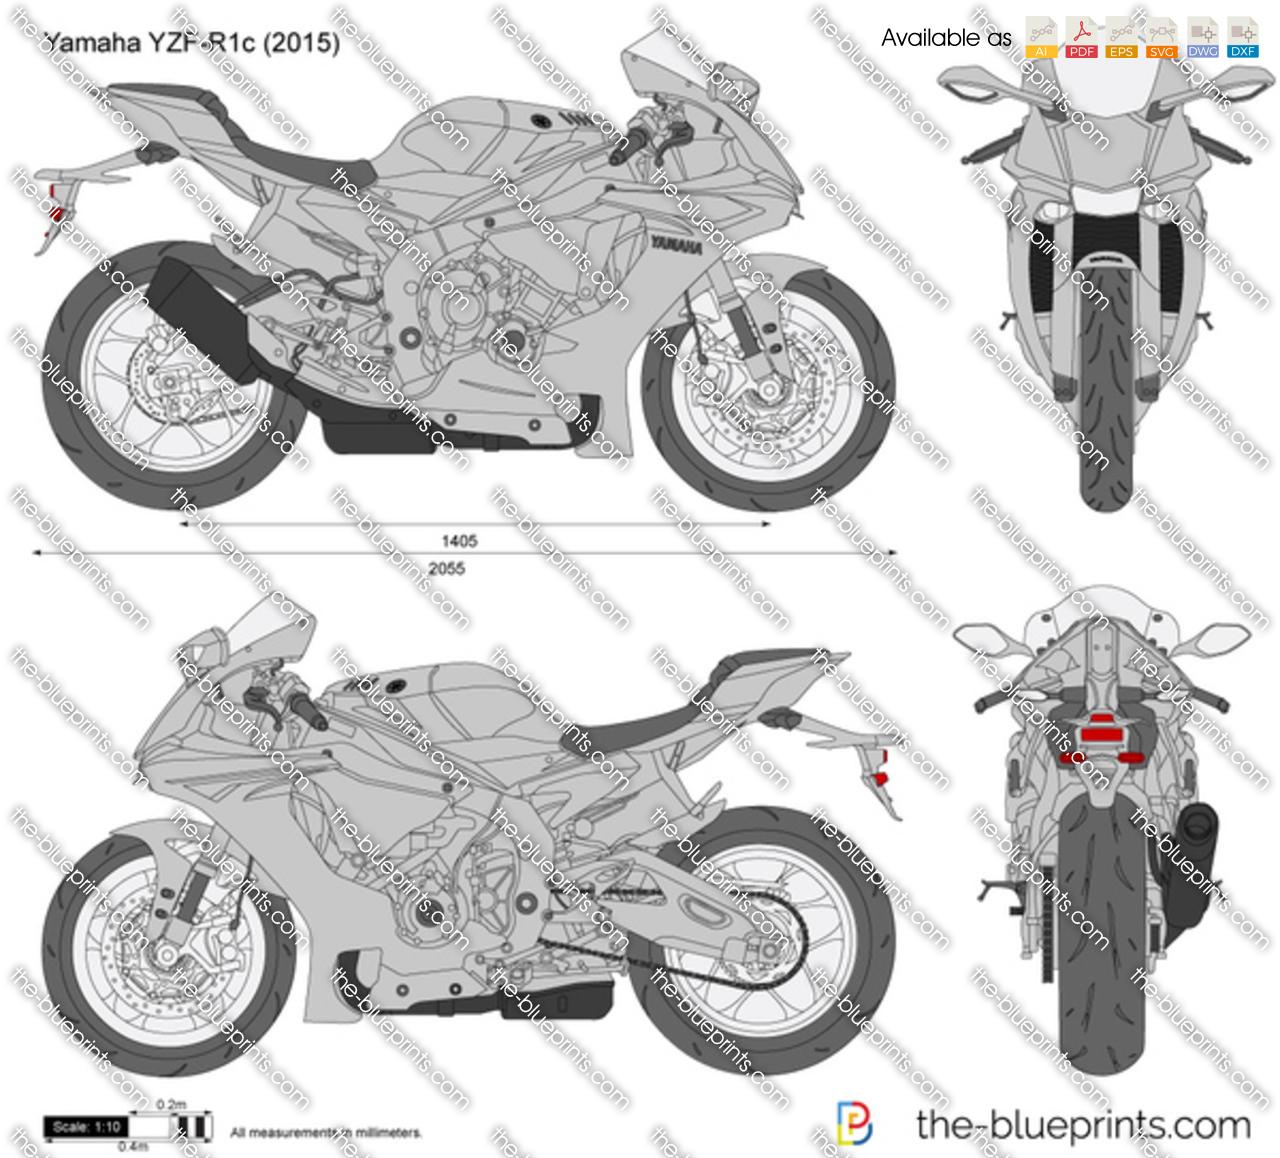 Yamaha YZF-R1c 2016